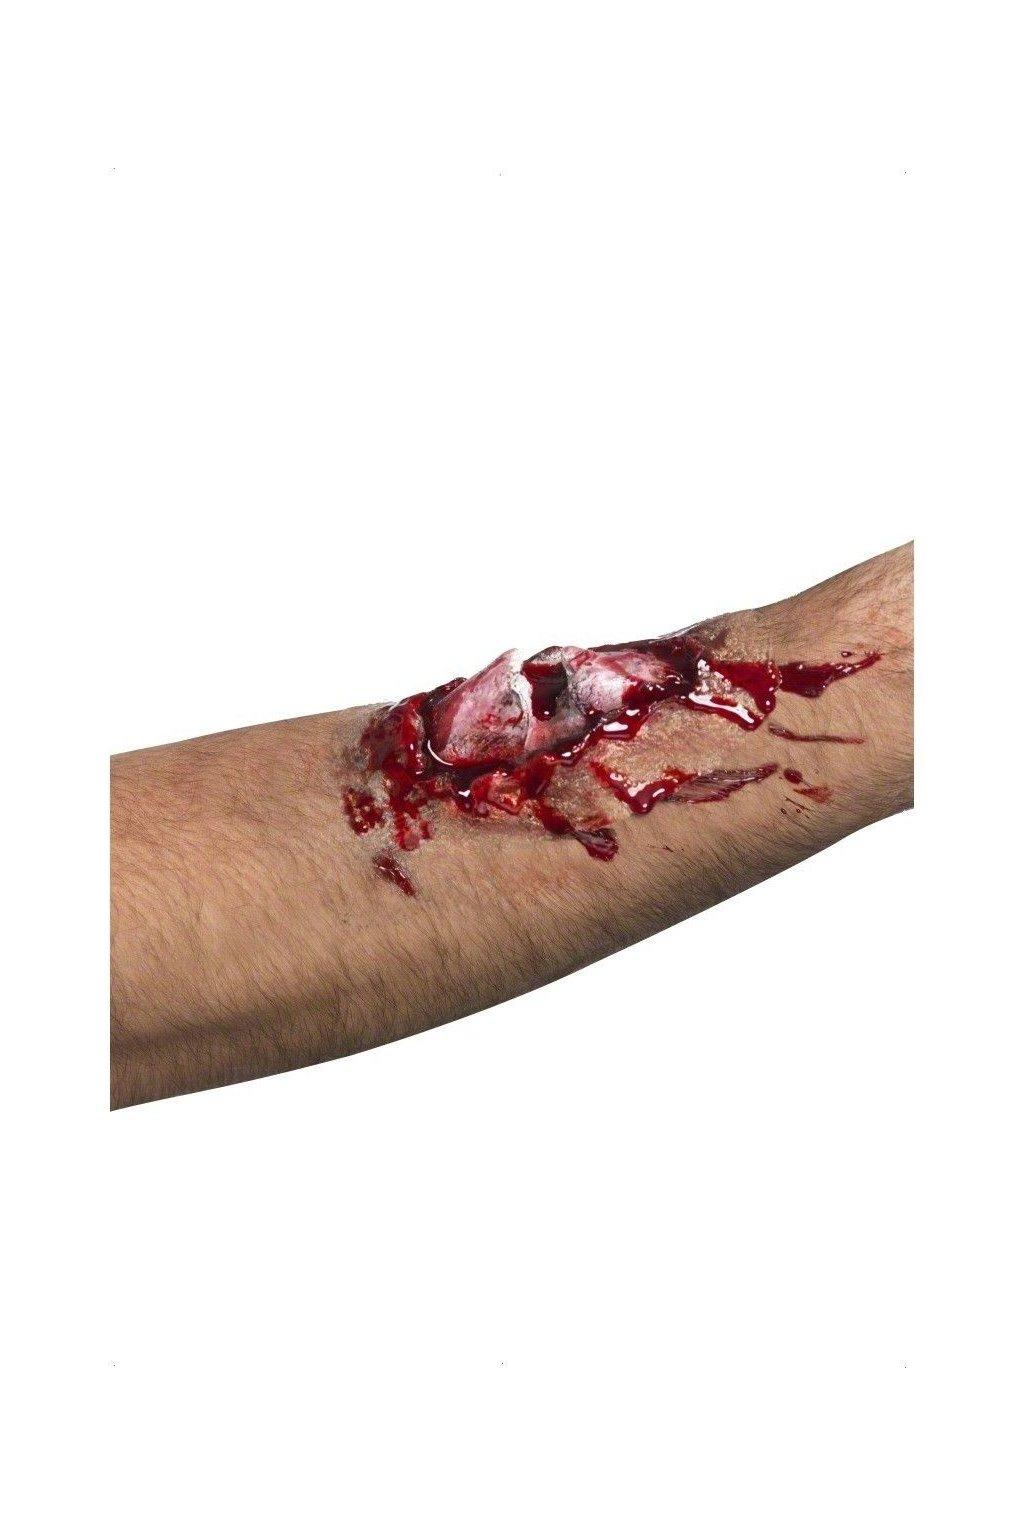 Zranění - Zlomená kost